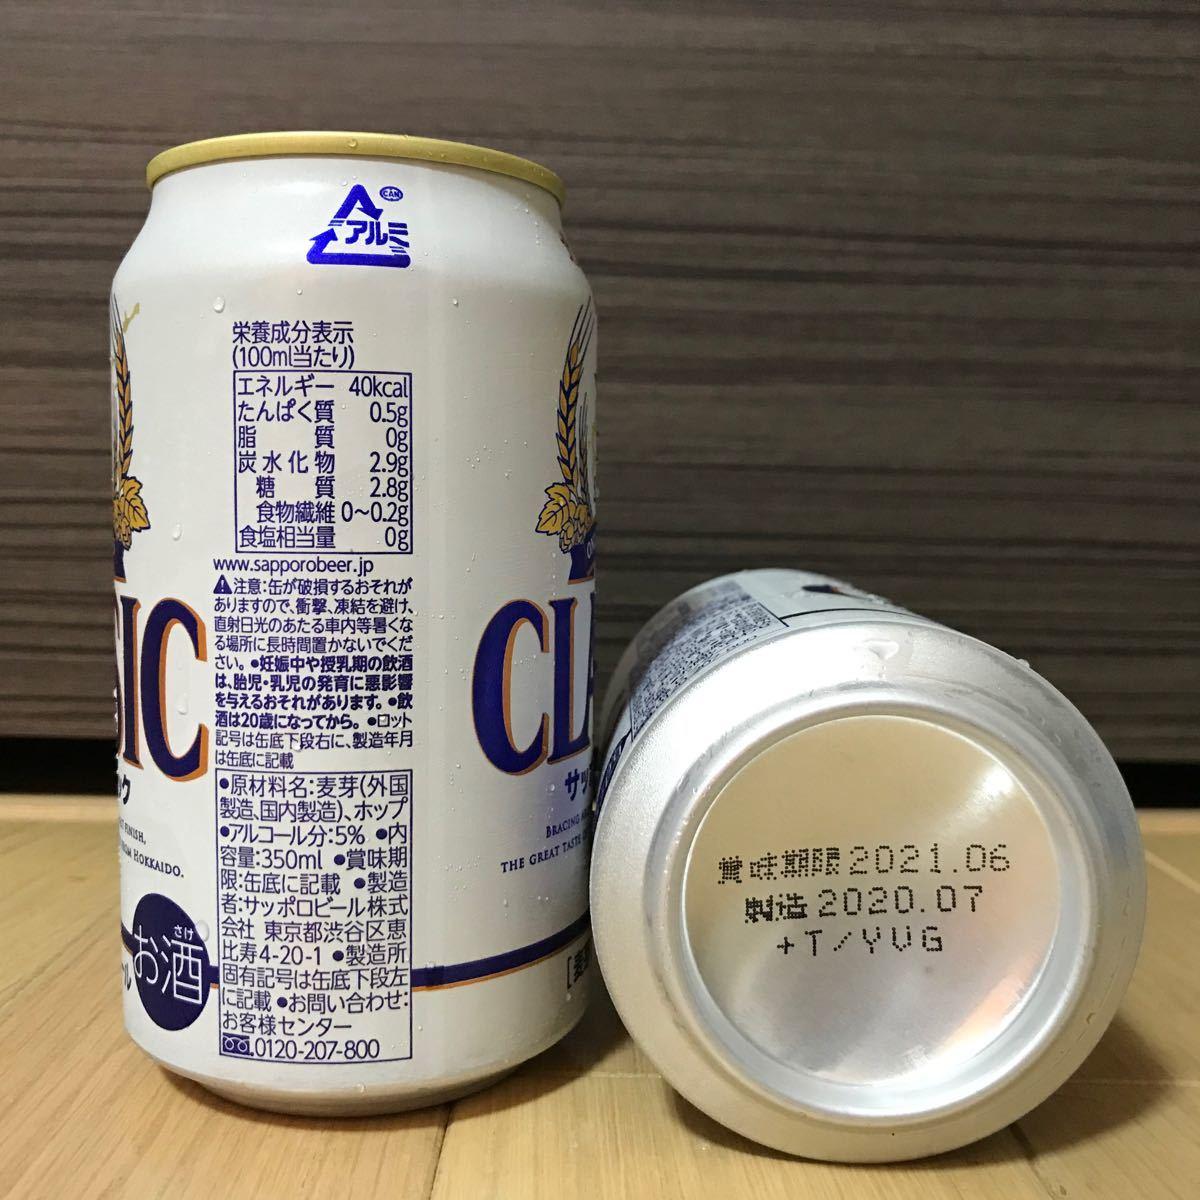 【北海道限定】酒類詰め合わせ